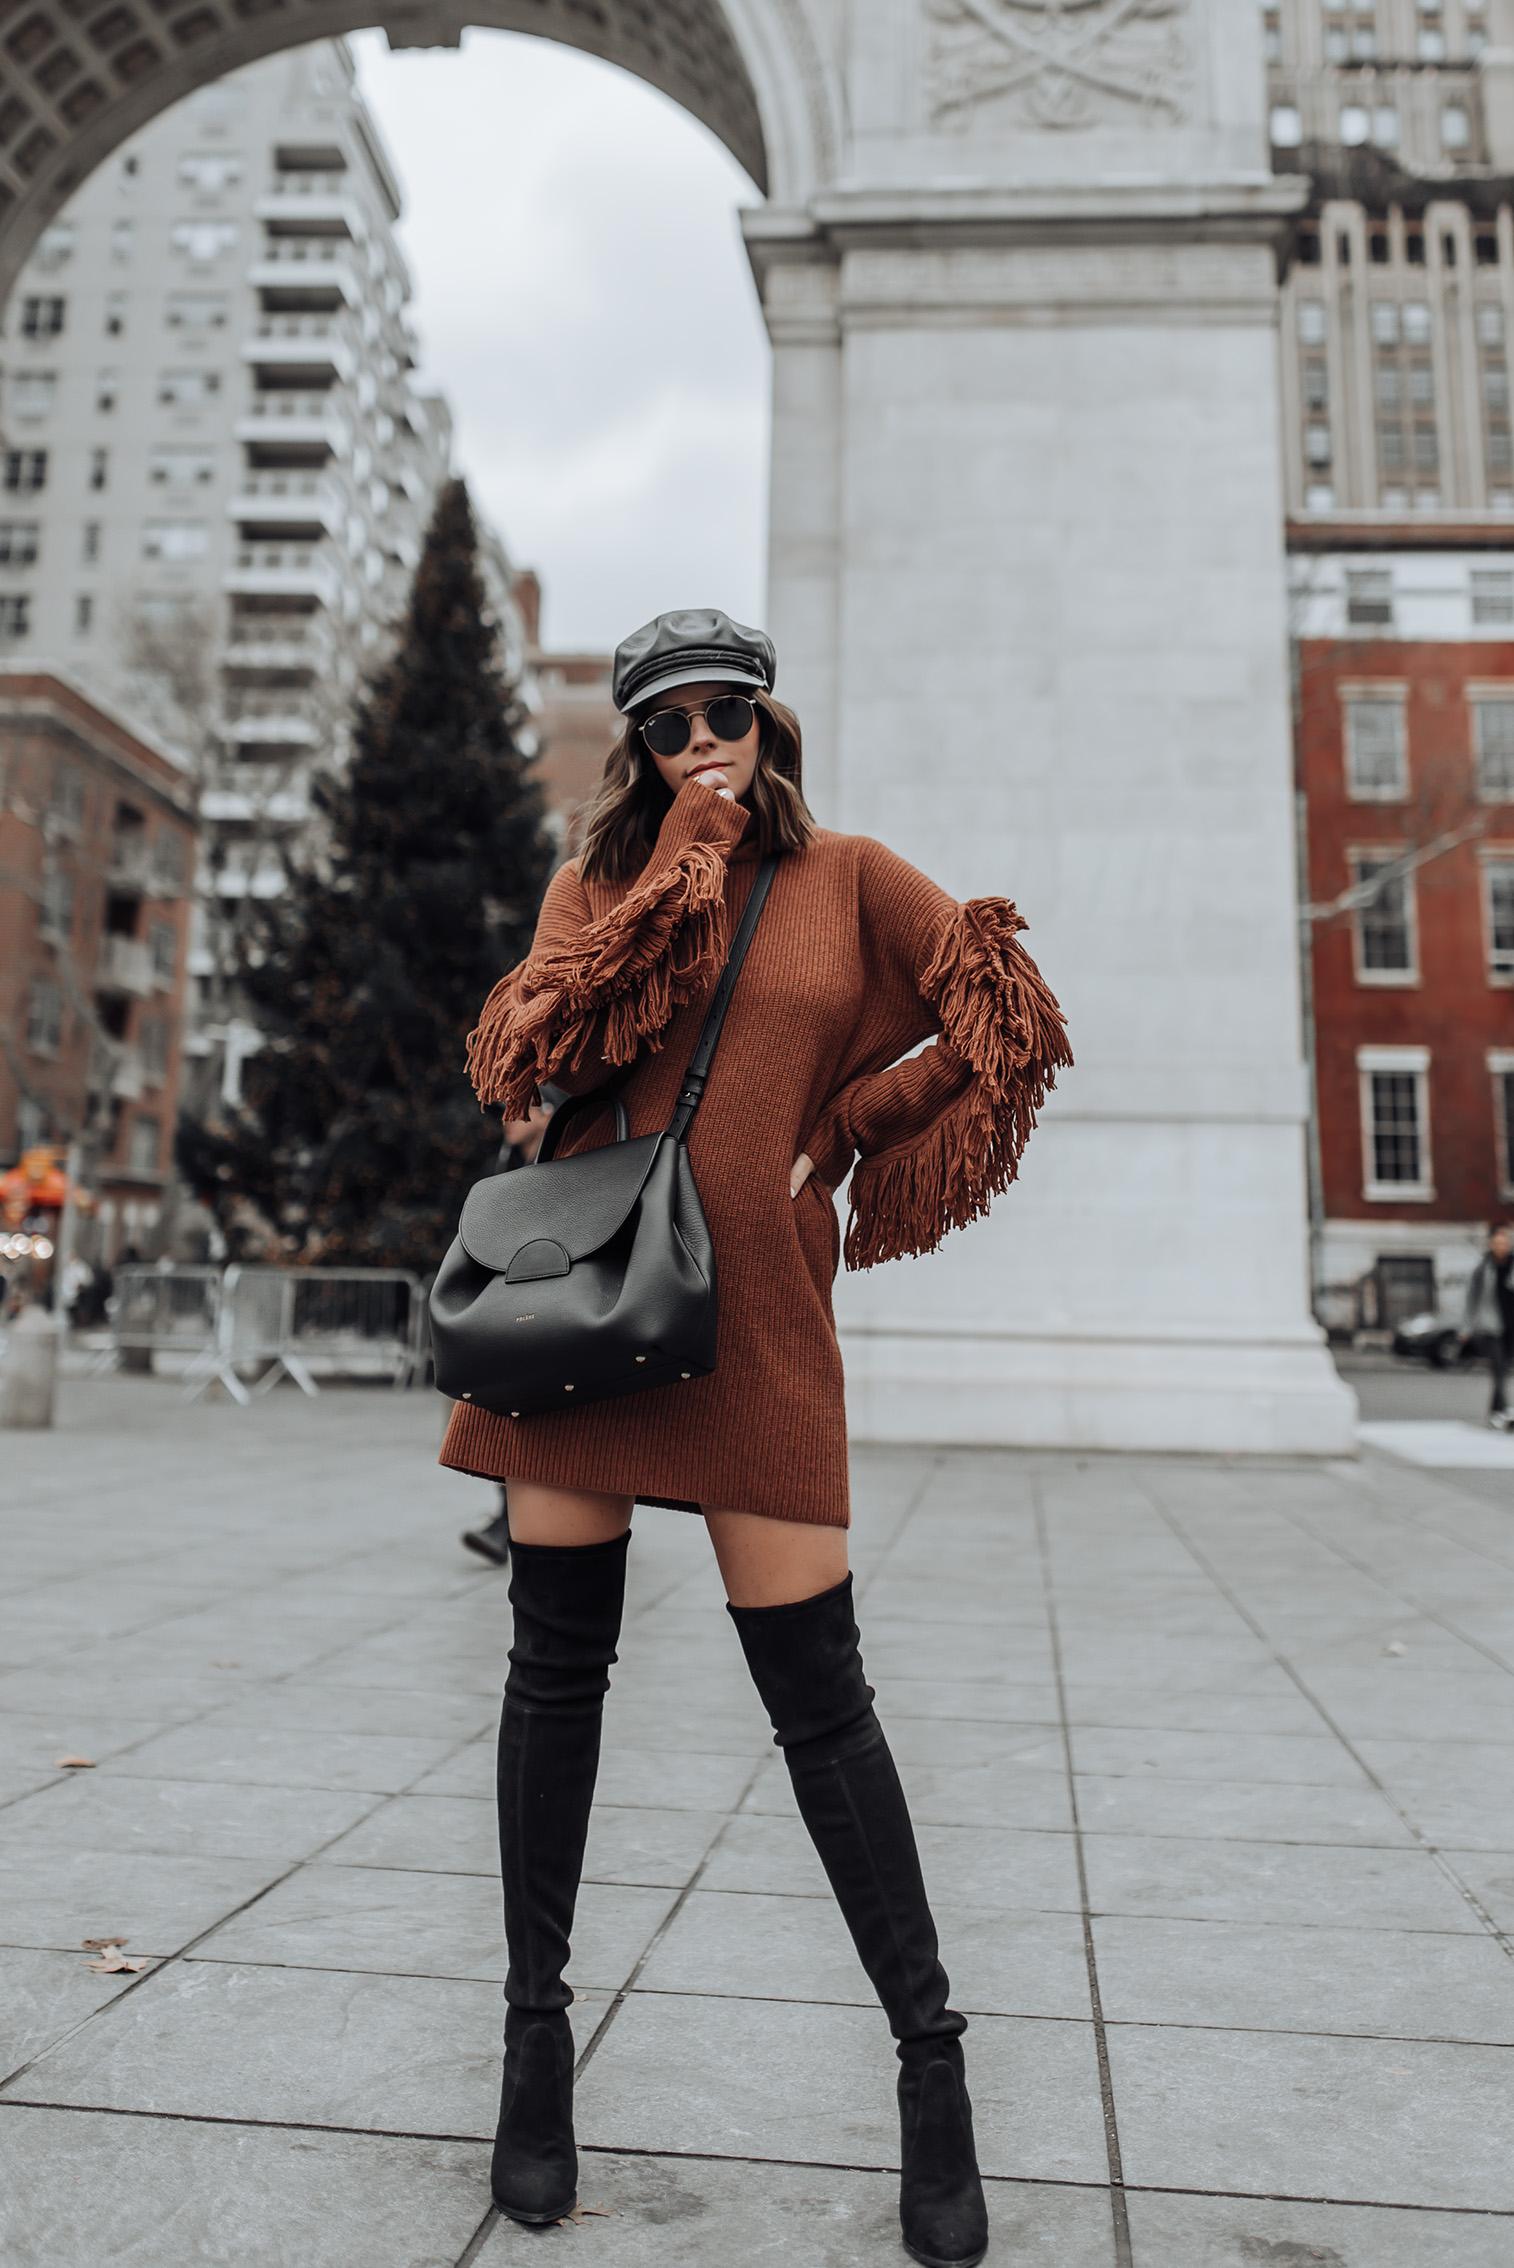 Tiffany Jais fashion and lifestyle blogger of Flaunt and Center | NYC fashion blogger | Fringe sweater dress | Streetstyle blog #ootd #sweaterdress #streetstyle #minimalfashion